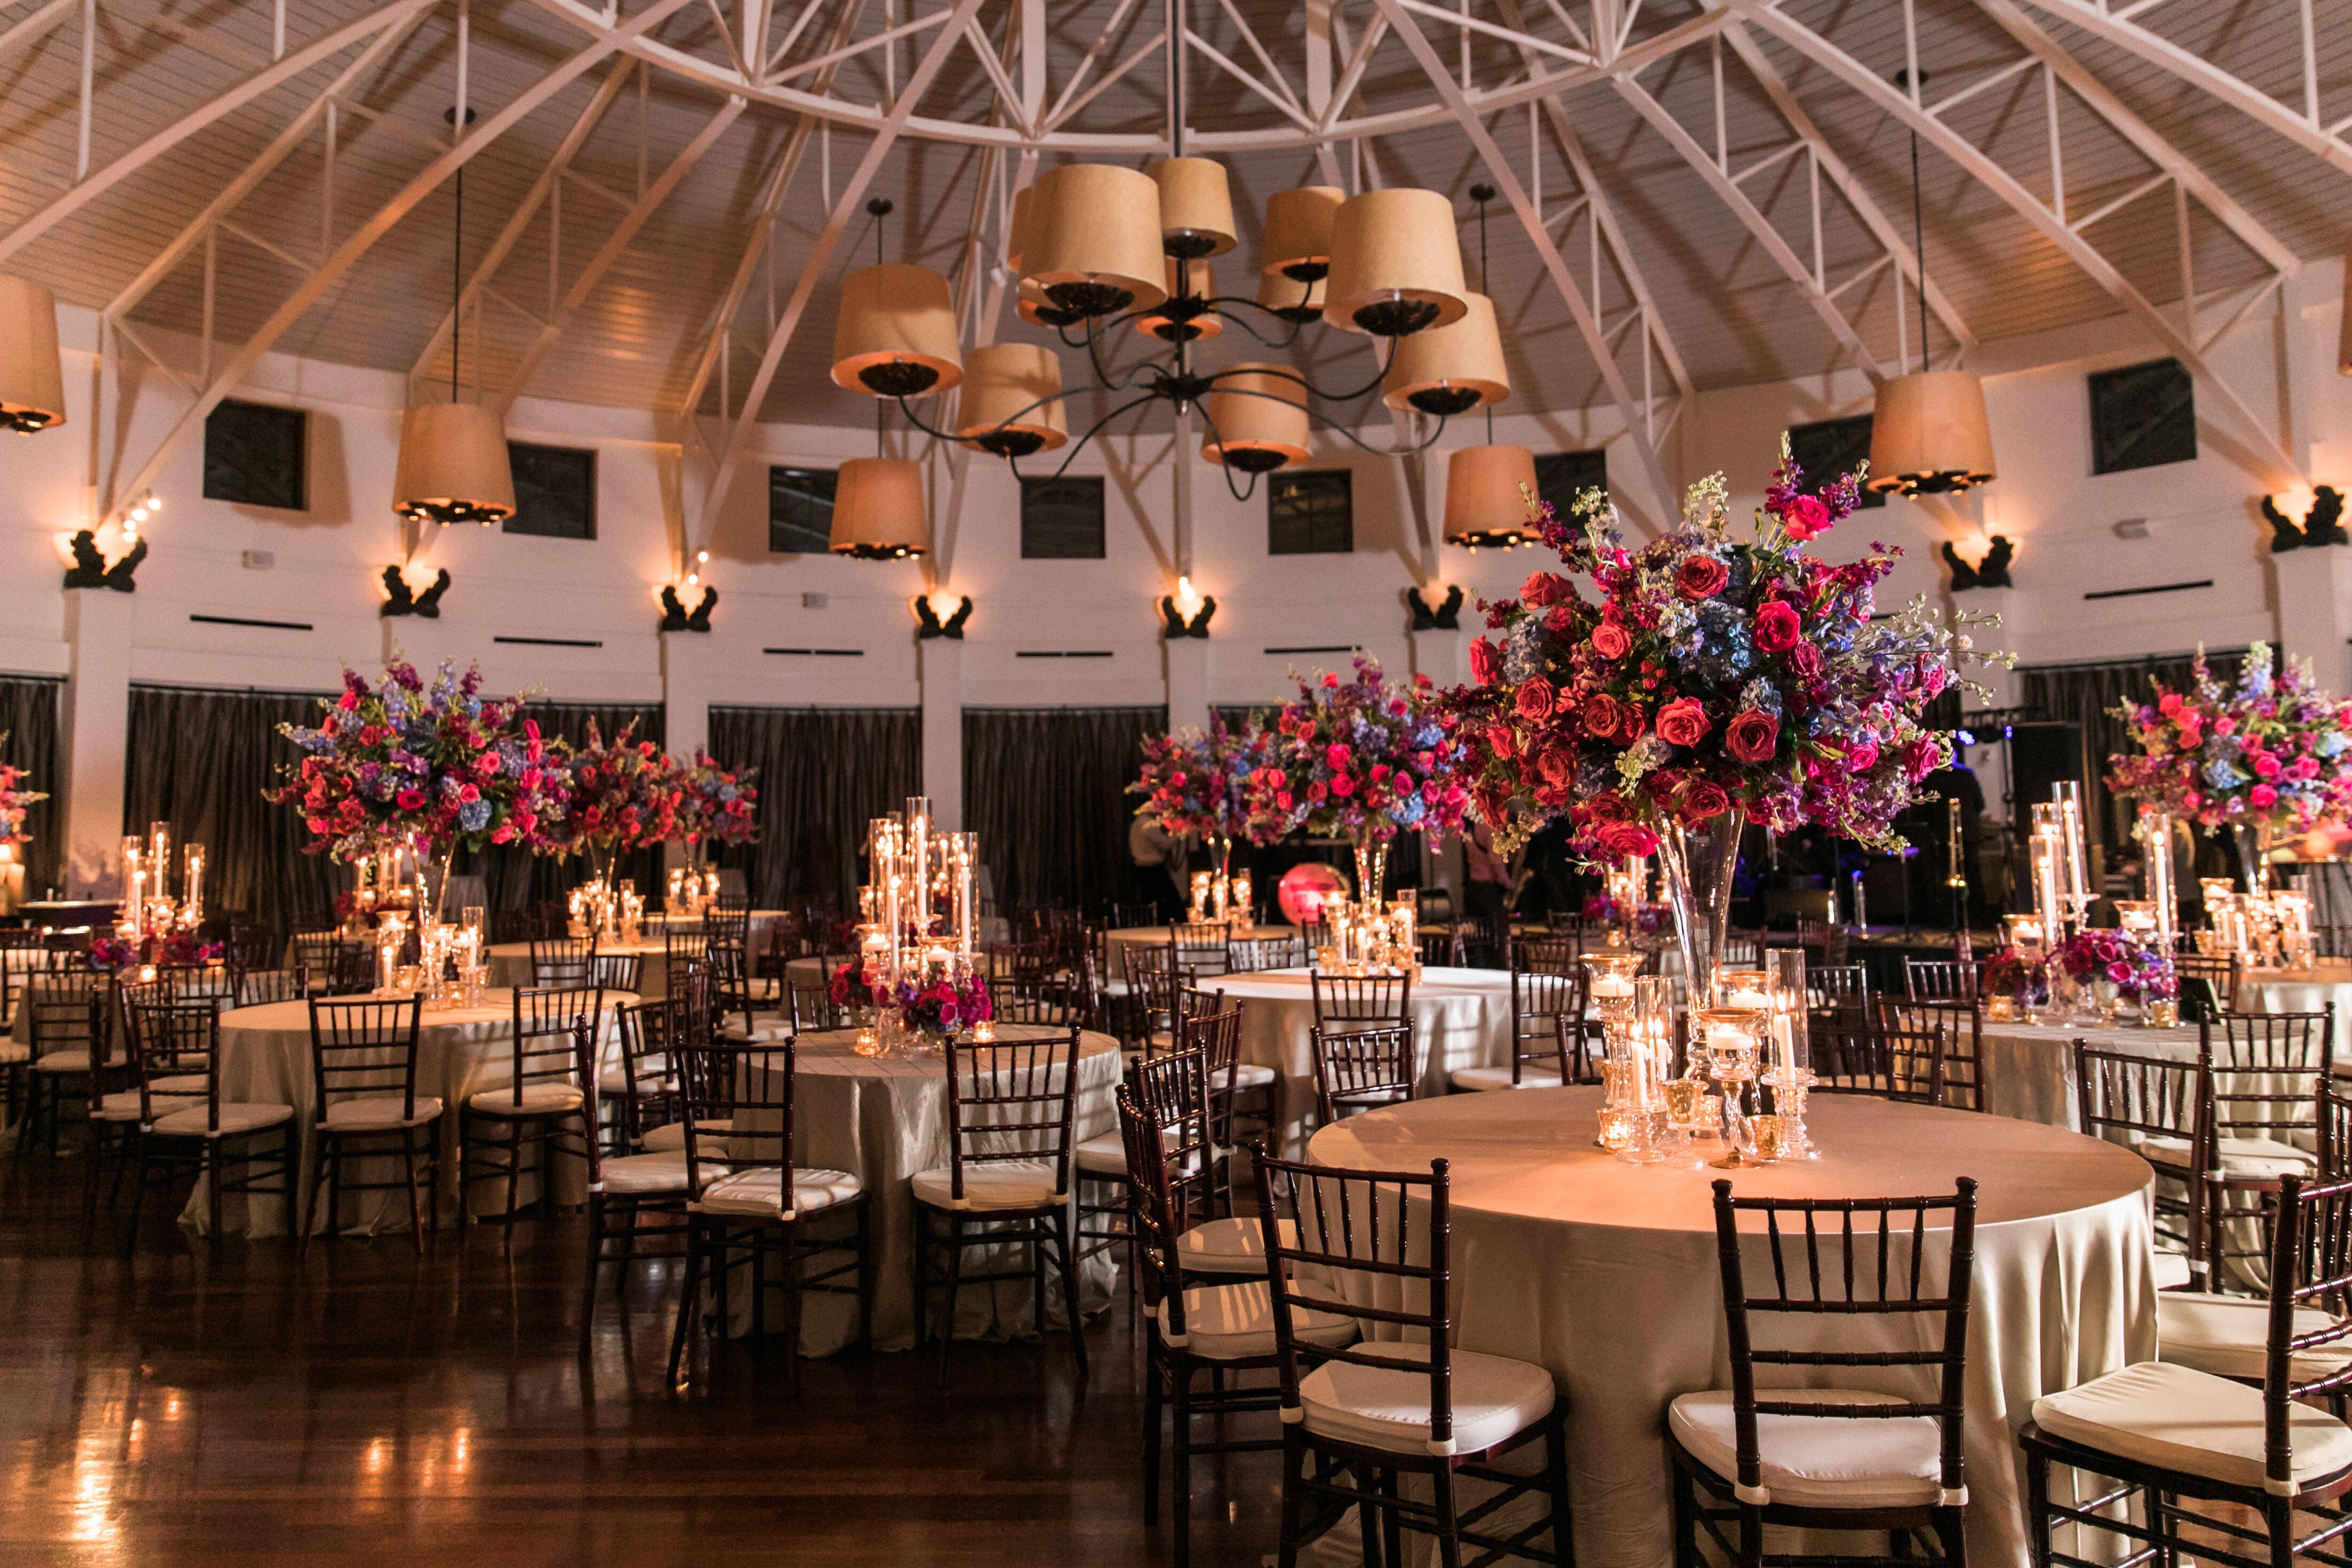 Audubon Catering & Events | Reception Venues - New Orleans, LA